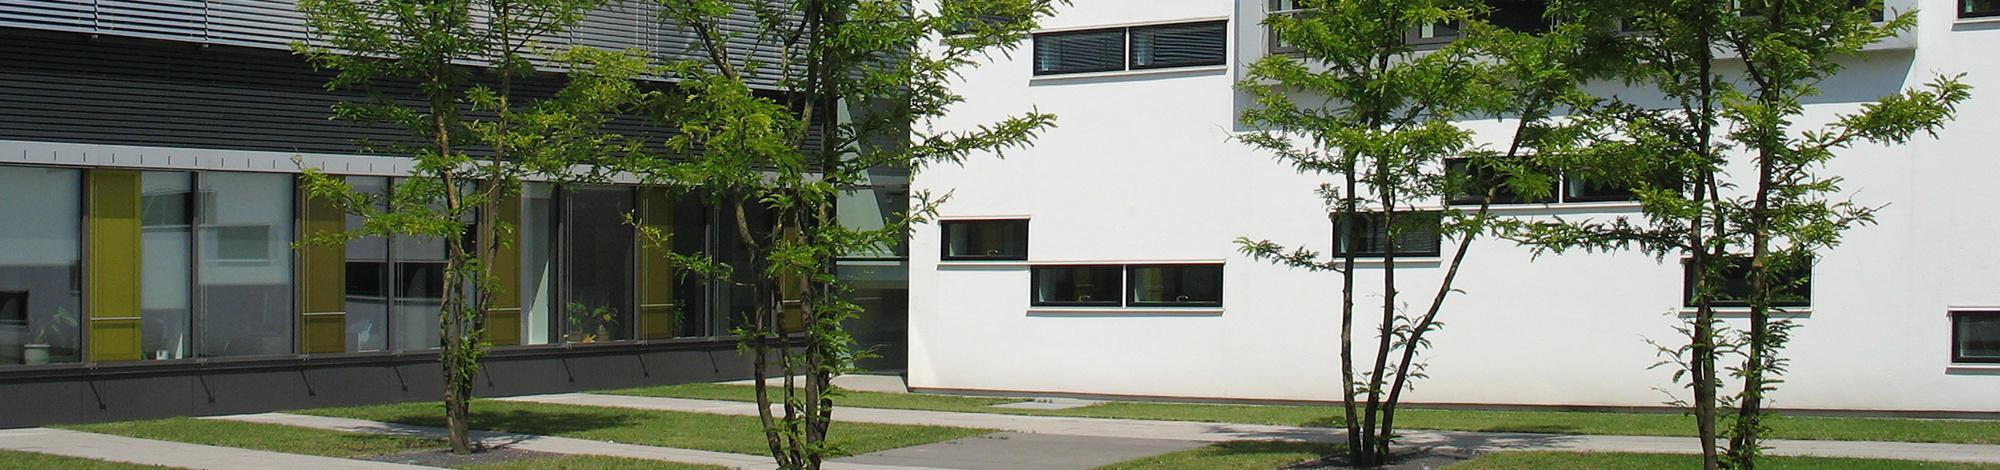 belastingdienst geldern groen rondom gebouwen en instellingen bomen voor groenprojecten. Black Bedroom Furniture Sets. Home Design Ideas